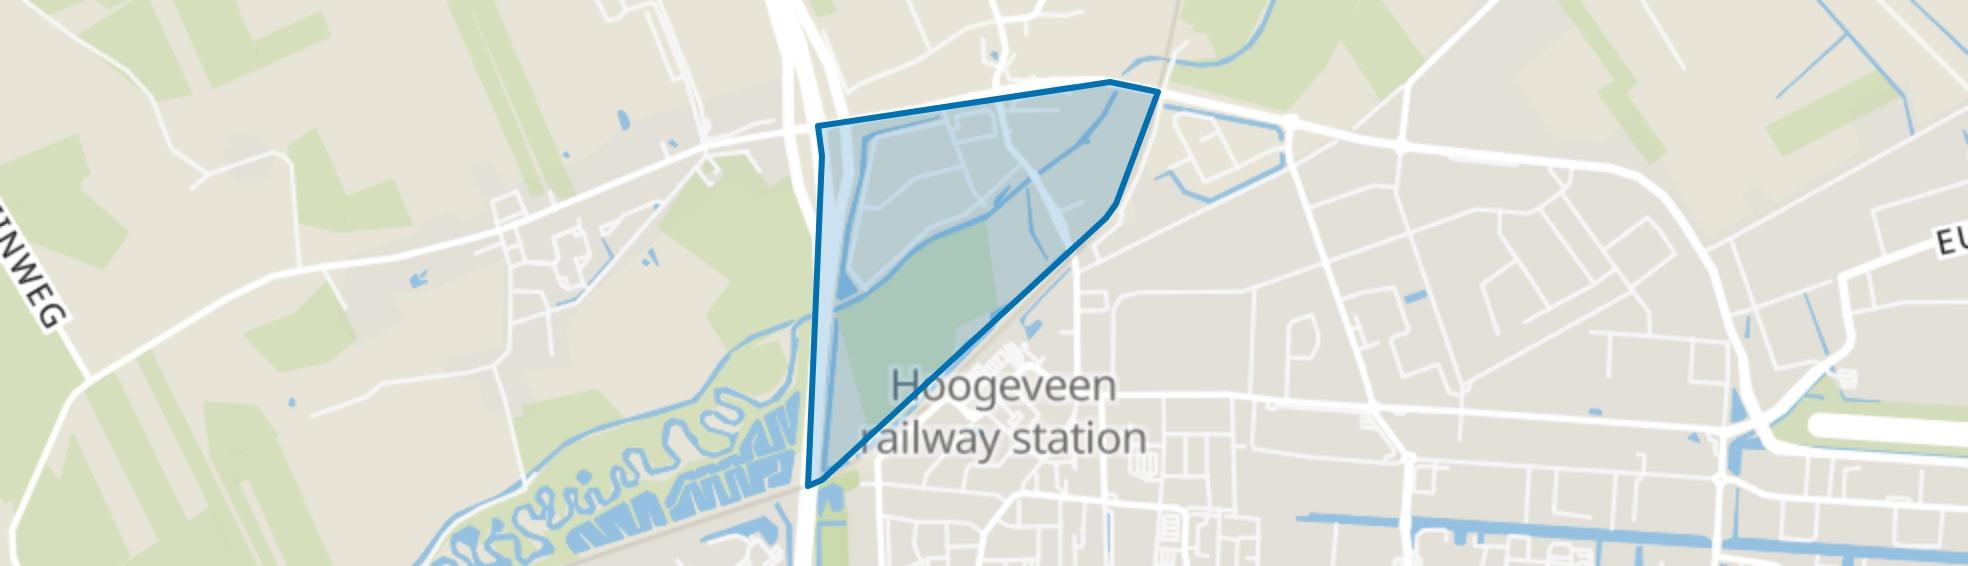 Industriegebied Toldijk, Hoogeveen map